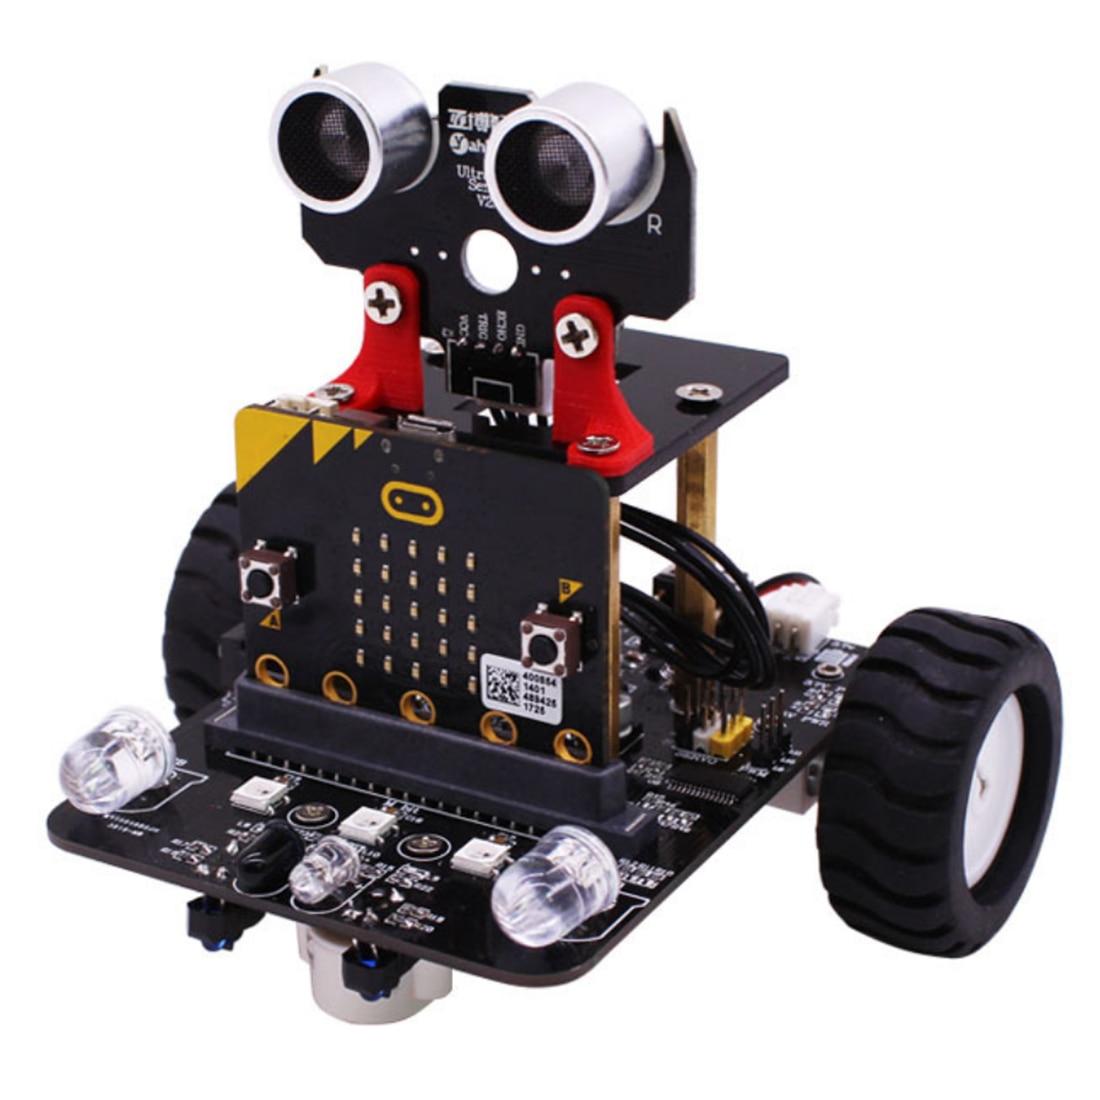 Графический программируемый робот-автомобиль с Bluetooth ИК и трекинговым модулем, паровой робот-игрушка для микро: бит Bbc